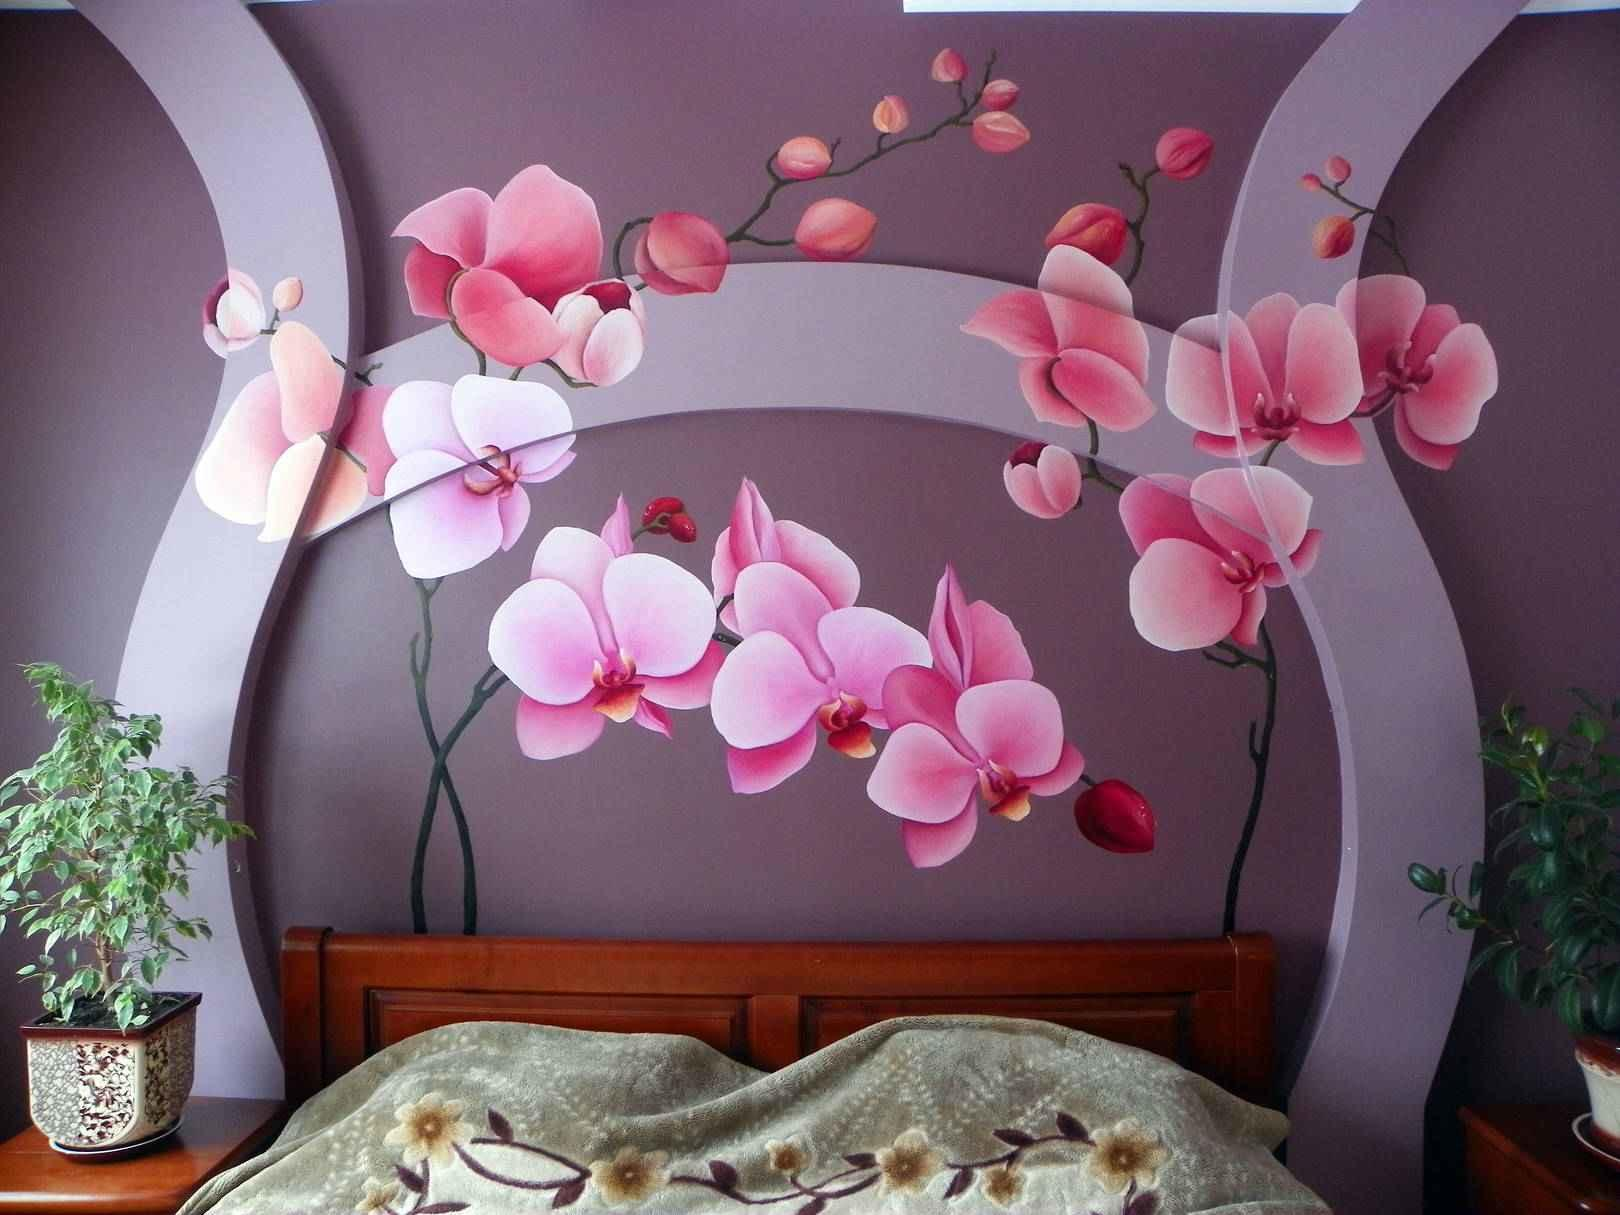 Обои с орхидеями в интерьере